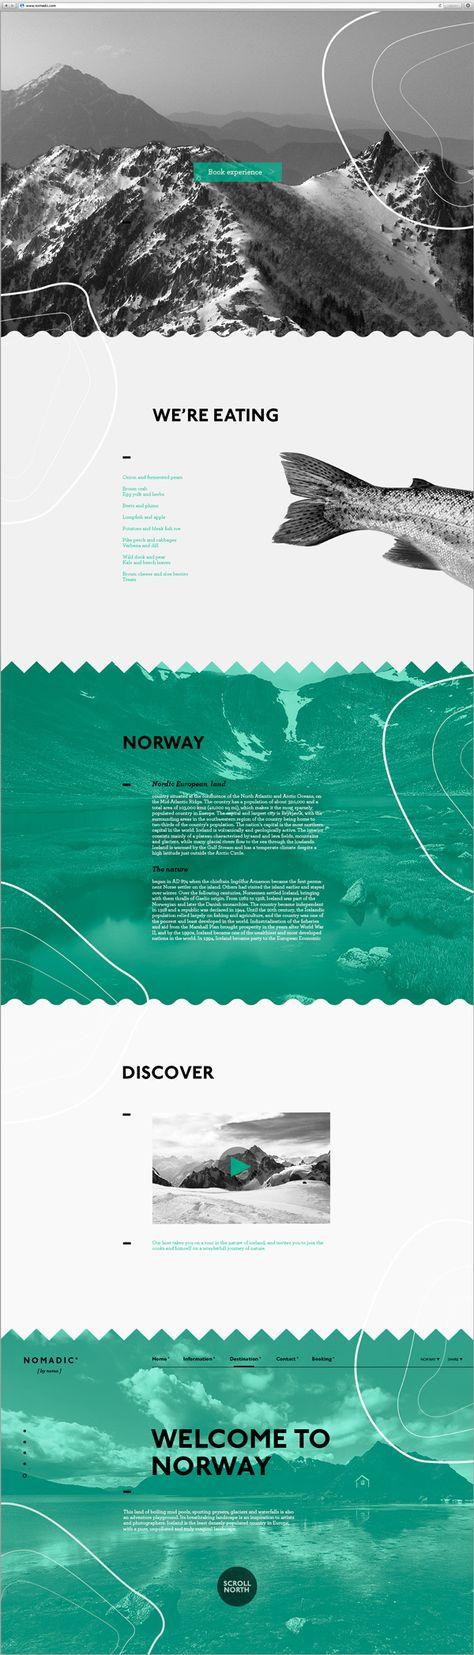 Nomadic [by noma]